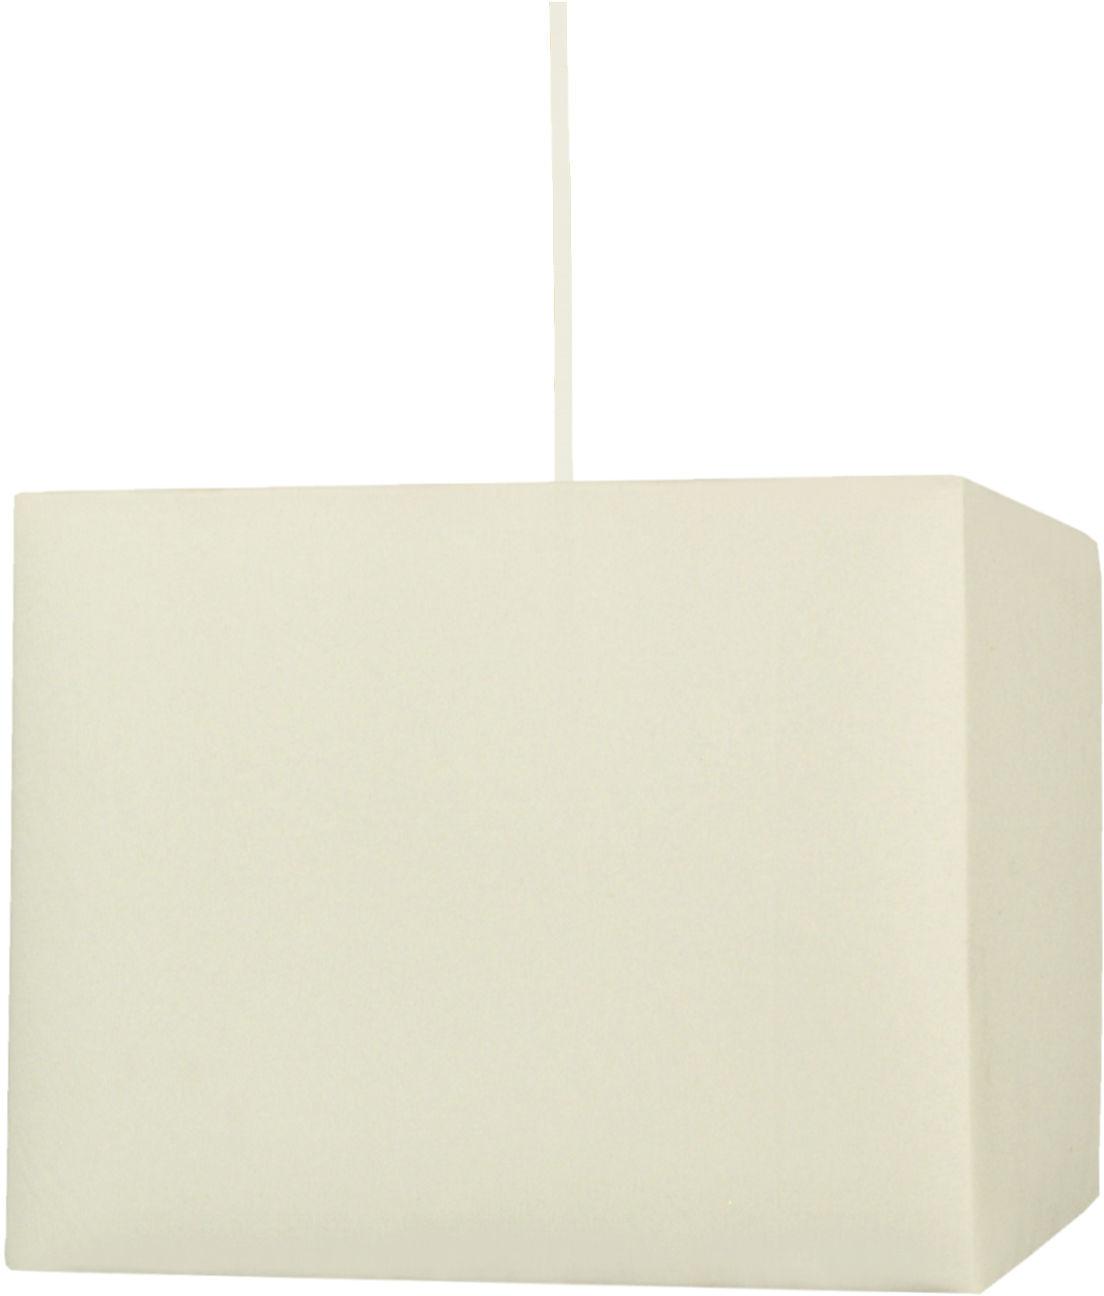 Candellux BASIC 31-06059 lampa wisząca kwadratowy abażur kremowy 1X60W E27 30 cm